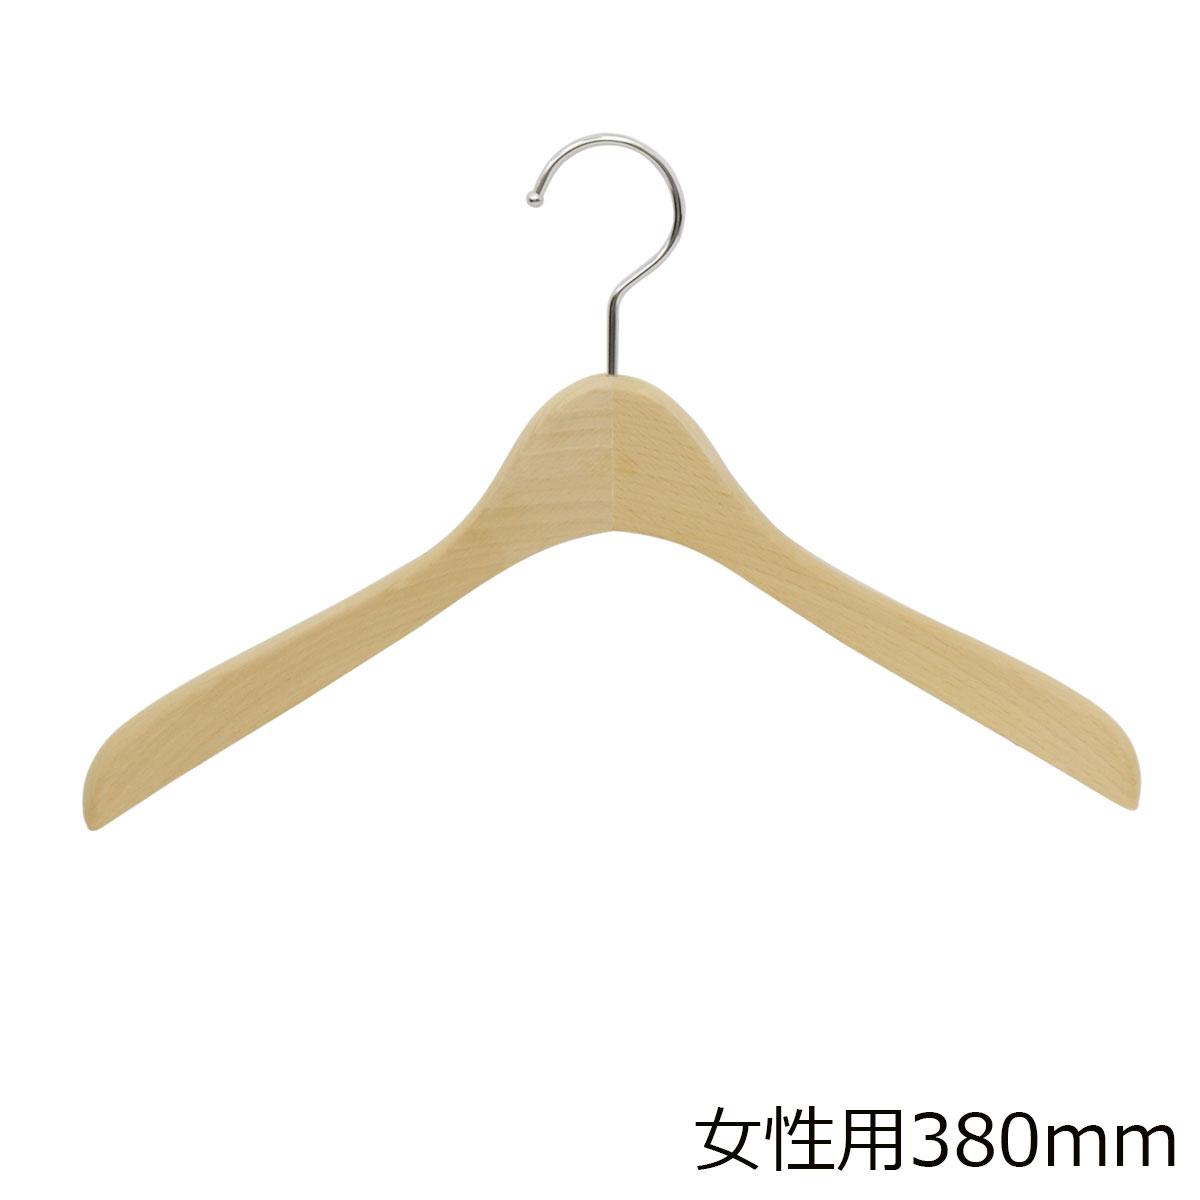 木製ハンガー 20mm厚 生地(塗装無)男性用・女性用